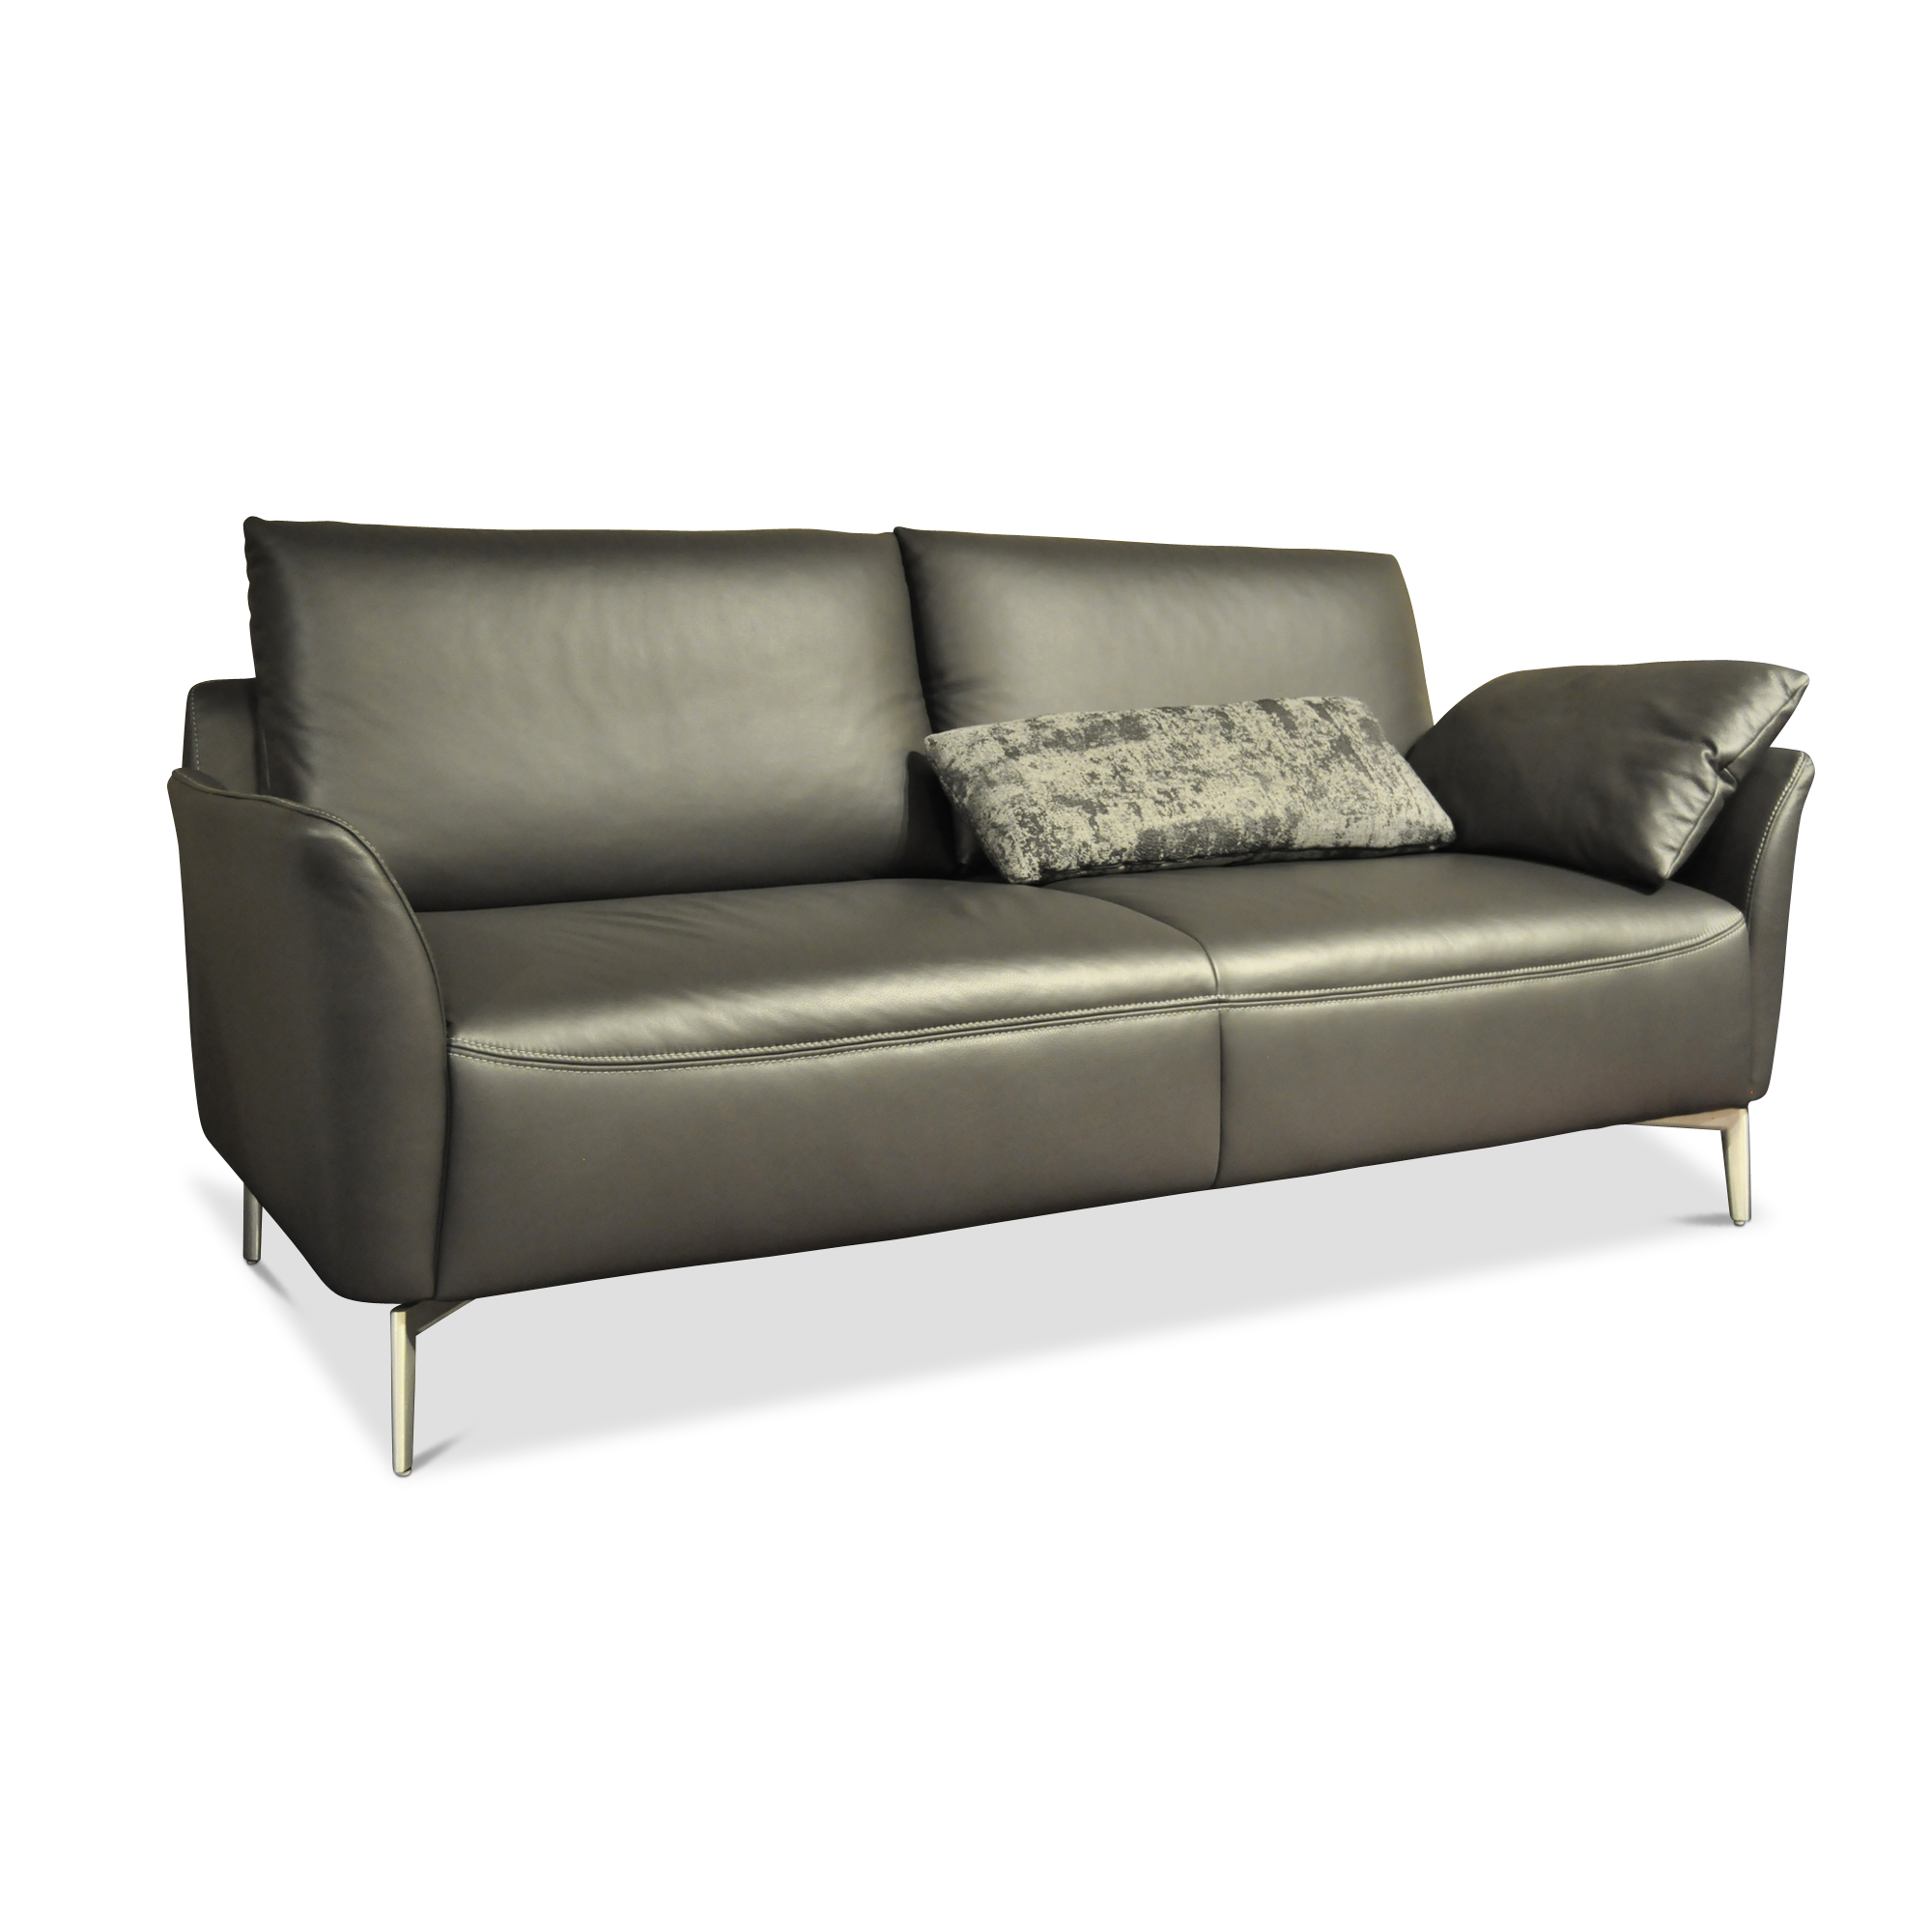 Ansprechend Koinor Händler Ideen Von • Sofa • Leder • Holz •